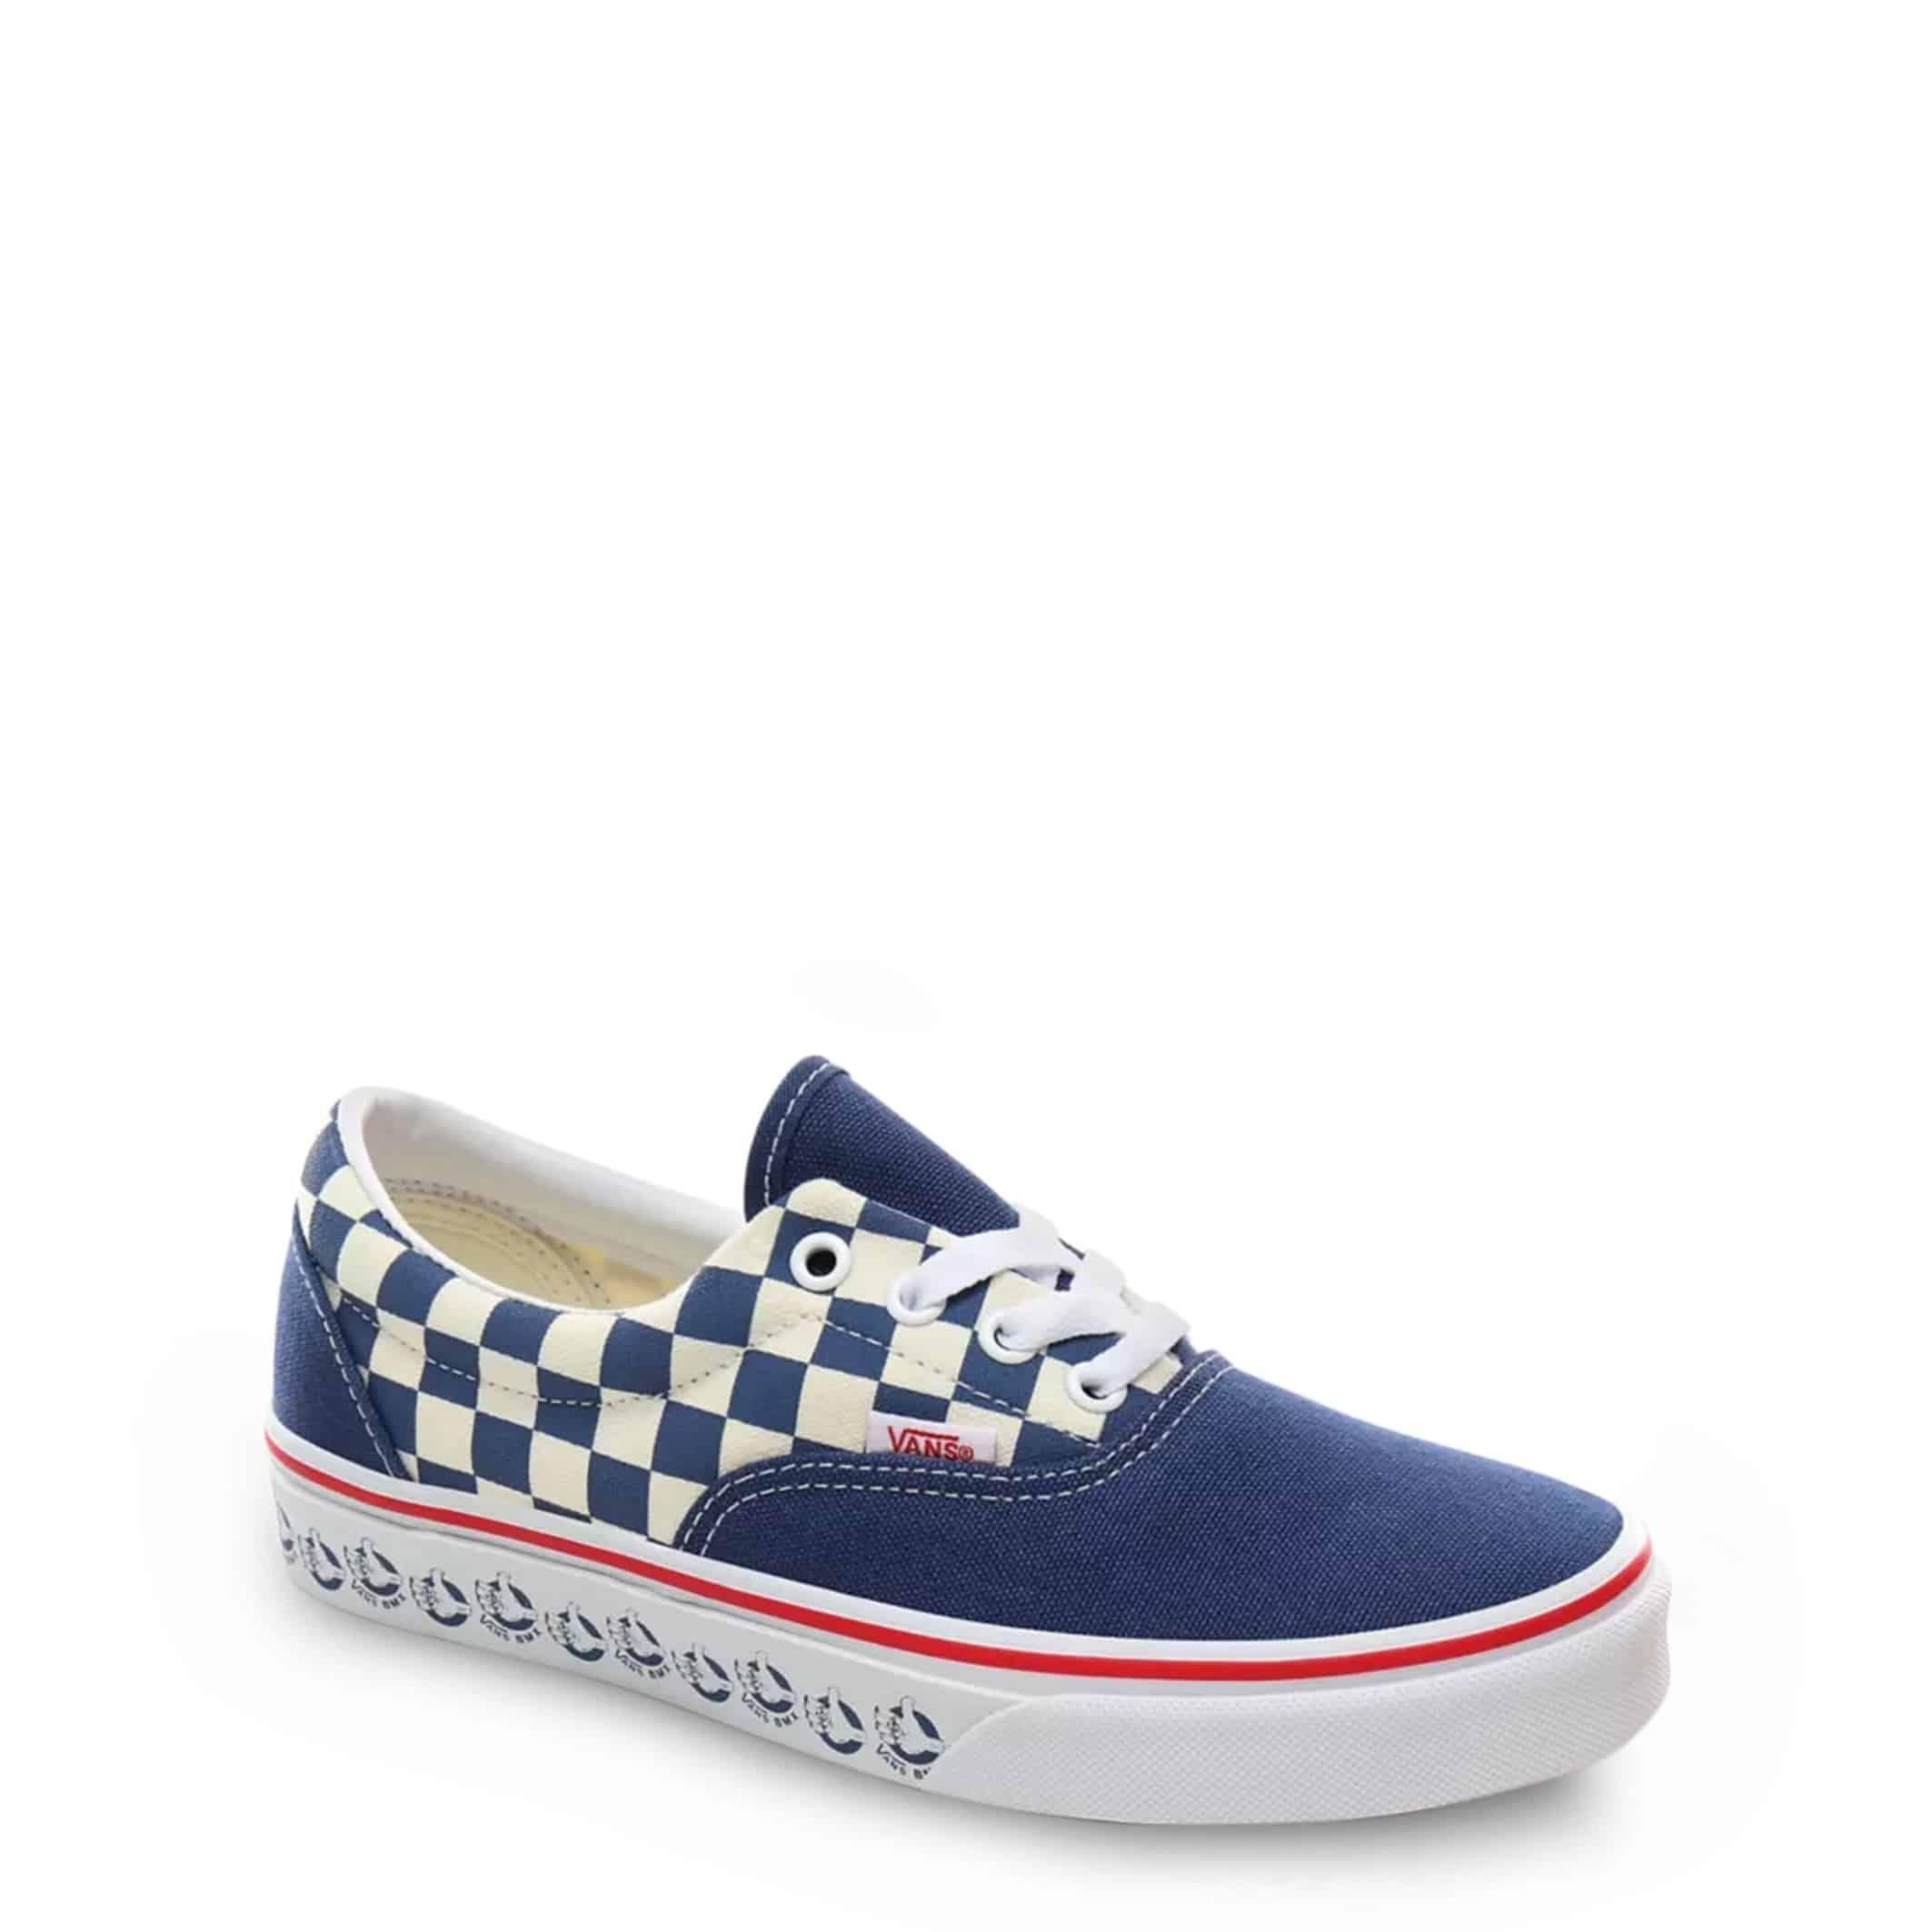 Vans – ERA_VN0A4BV4 – Azul